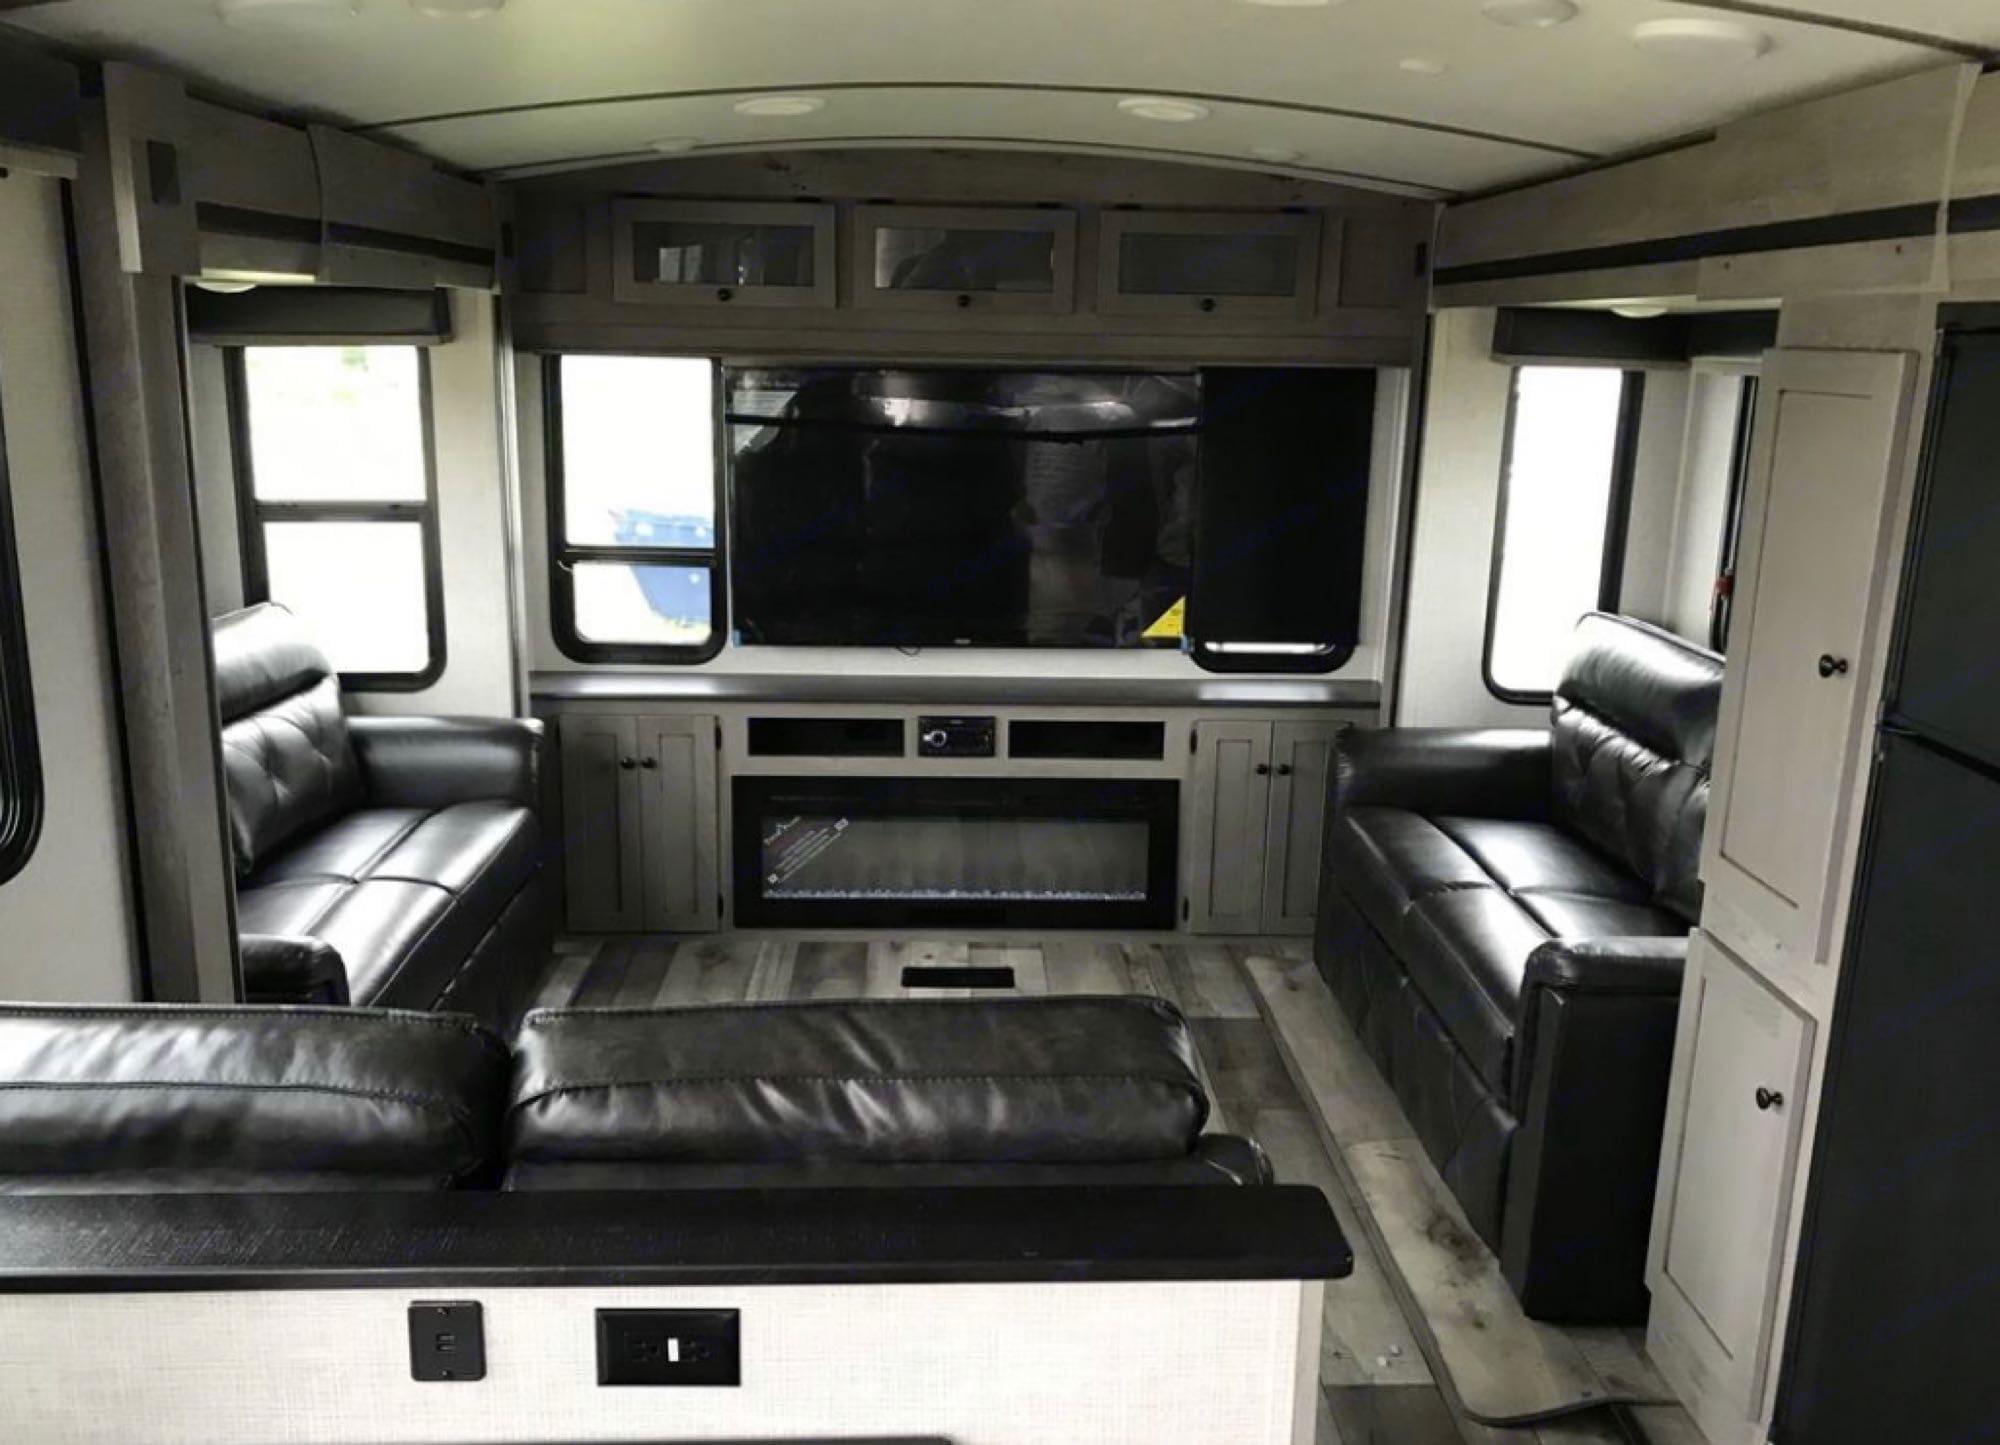 Fireplace & 55in Smart TV. Keystone Outback 2021